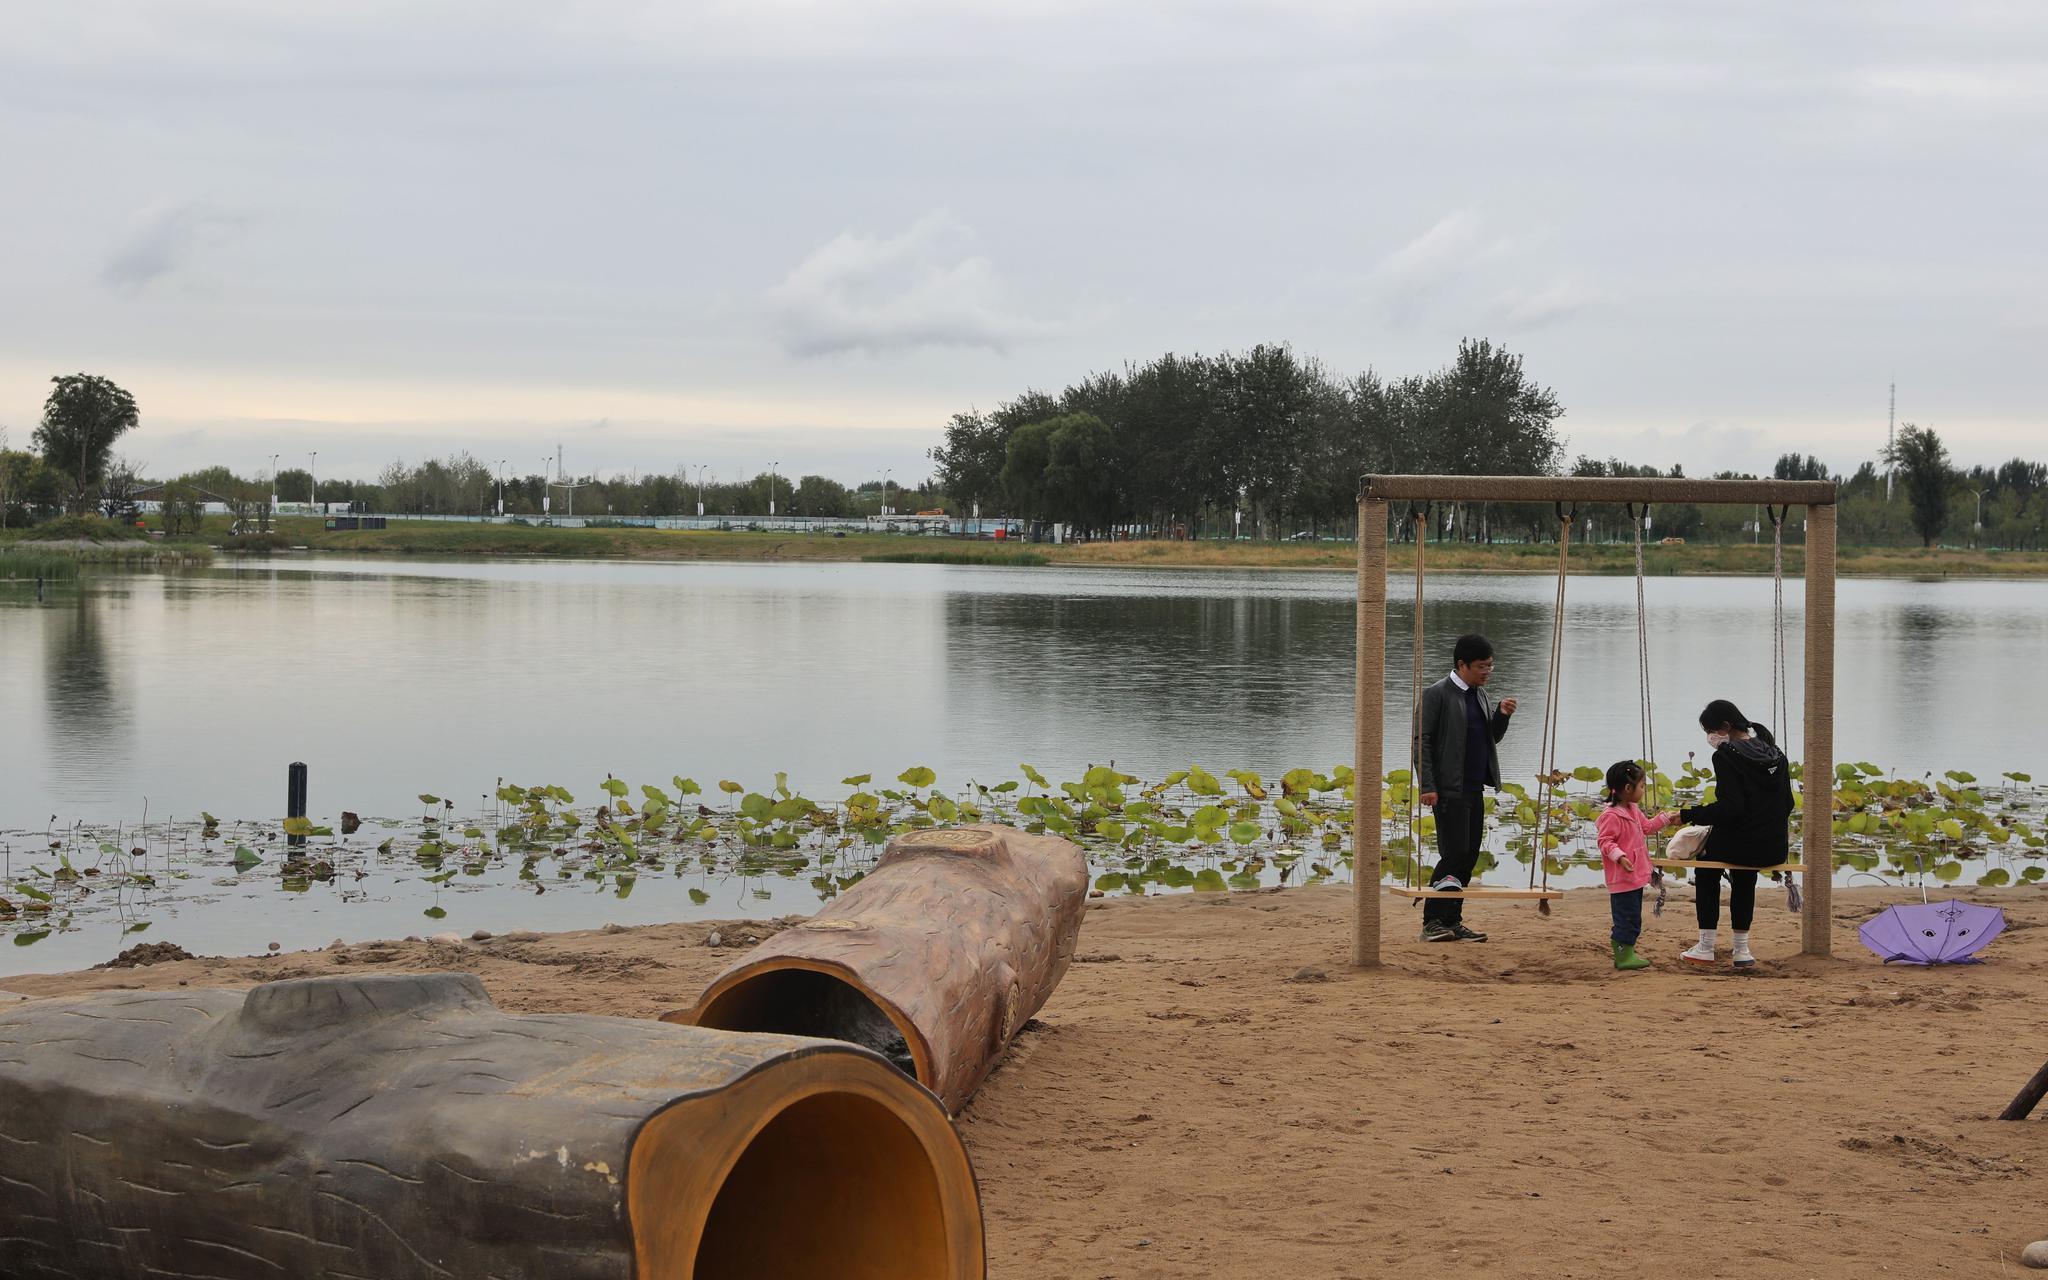 山水林田湖齐备,温榆河公园迎国庆增1700余个应急停车位图片